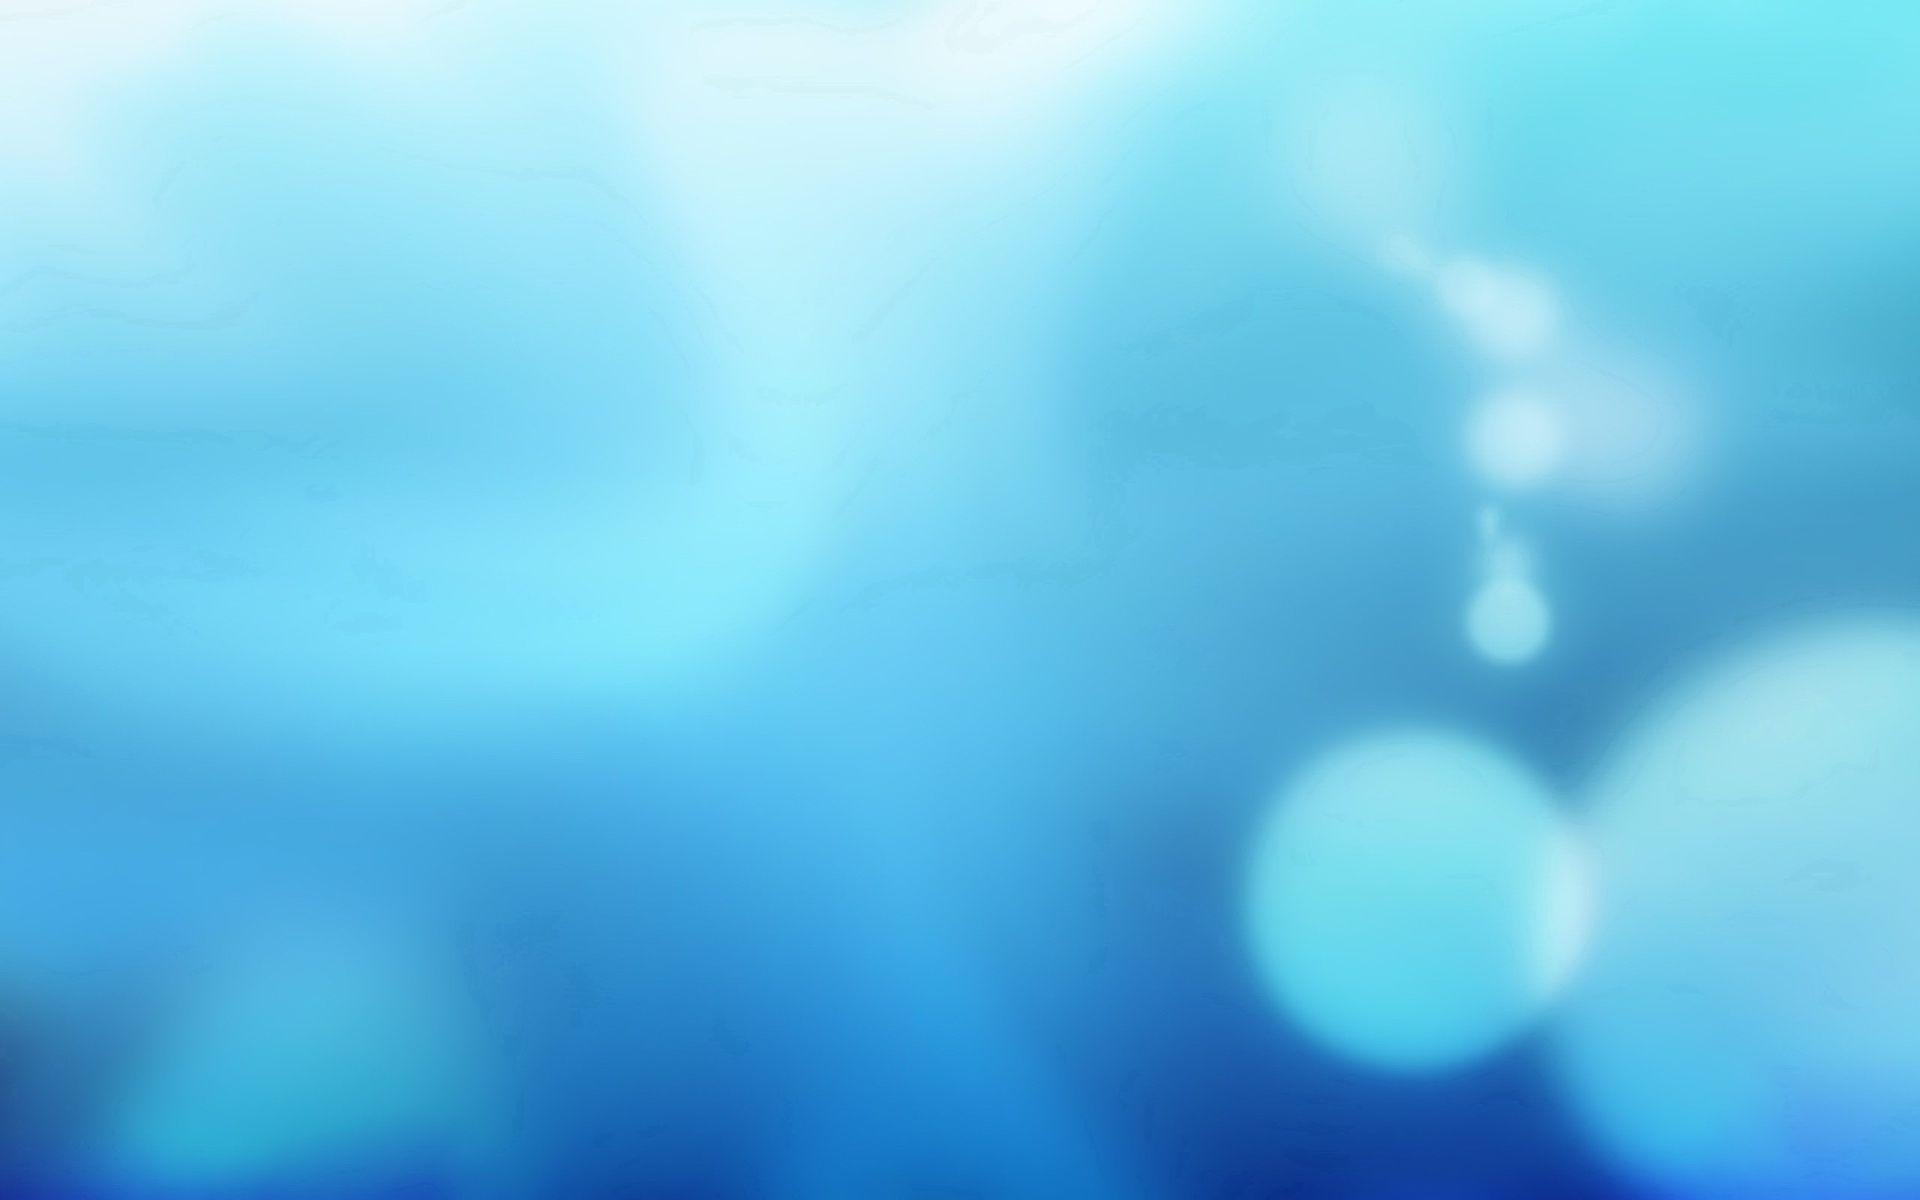 Голубой фон обои для рабочего стола